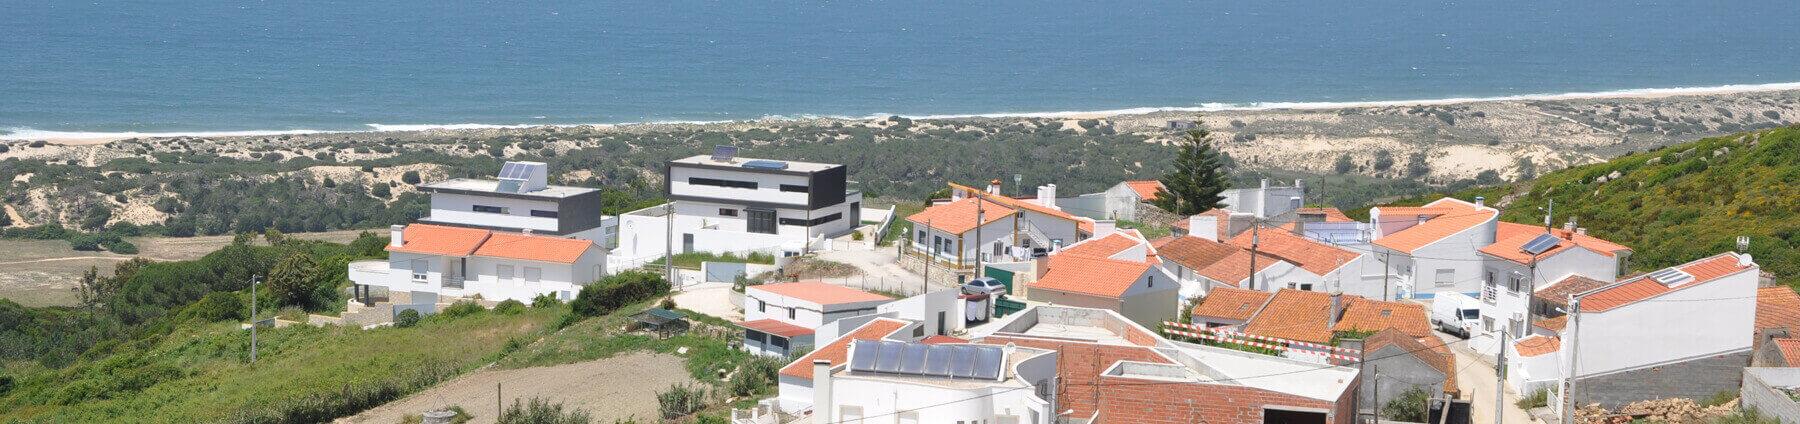 Serra-de-Pescaria-och-Praia-do-Salgado-Nazare